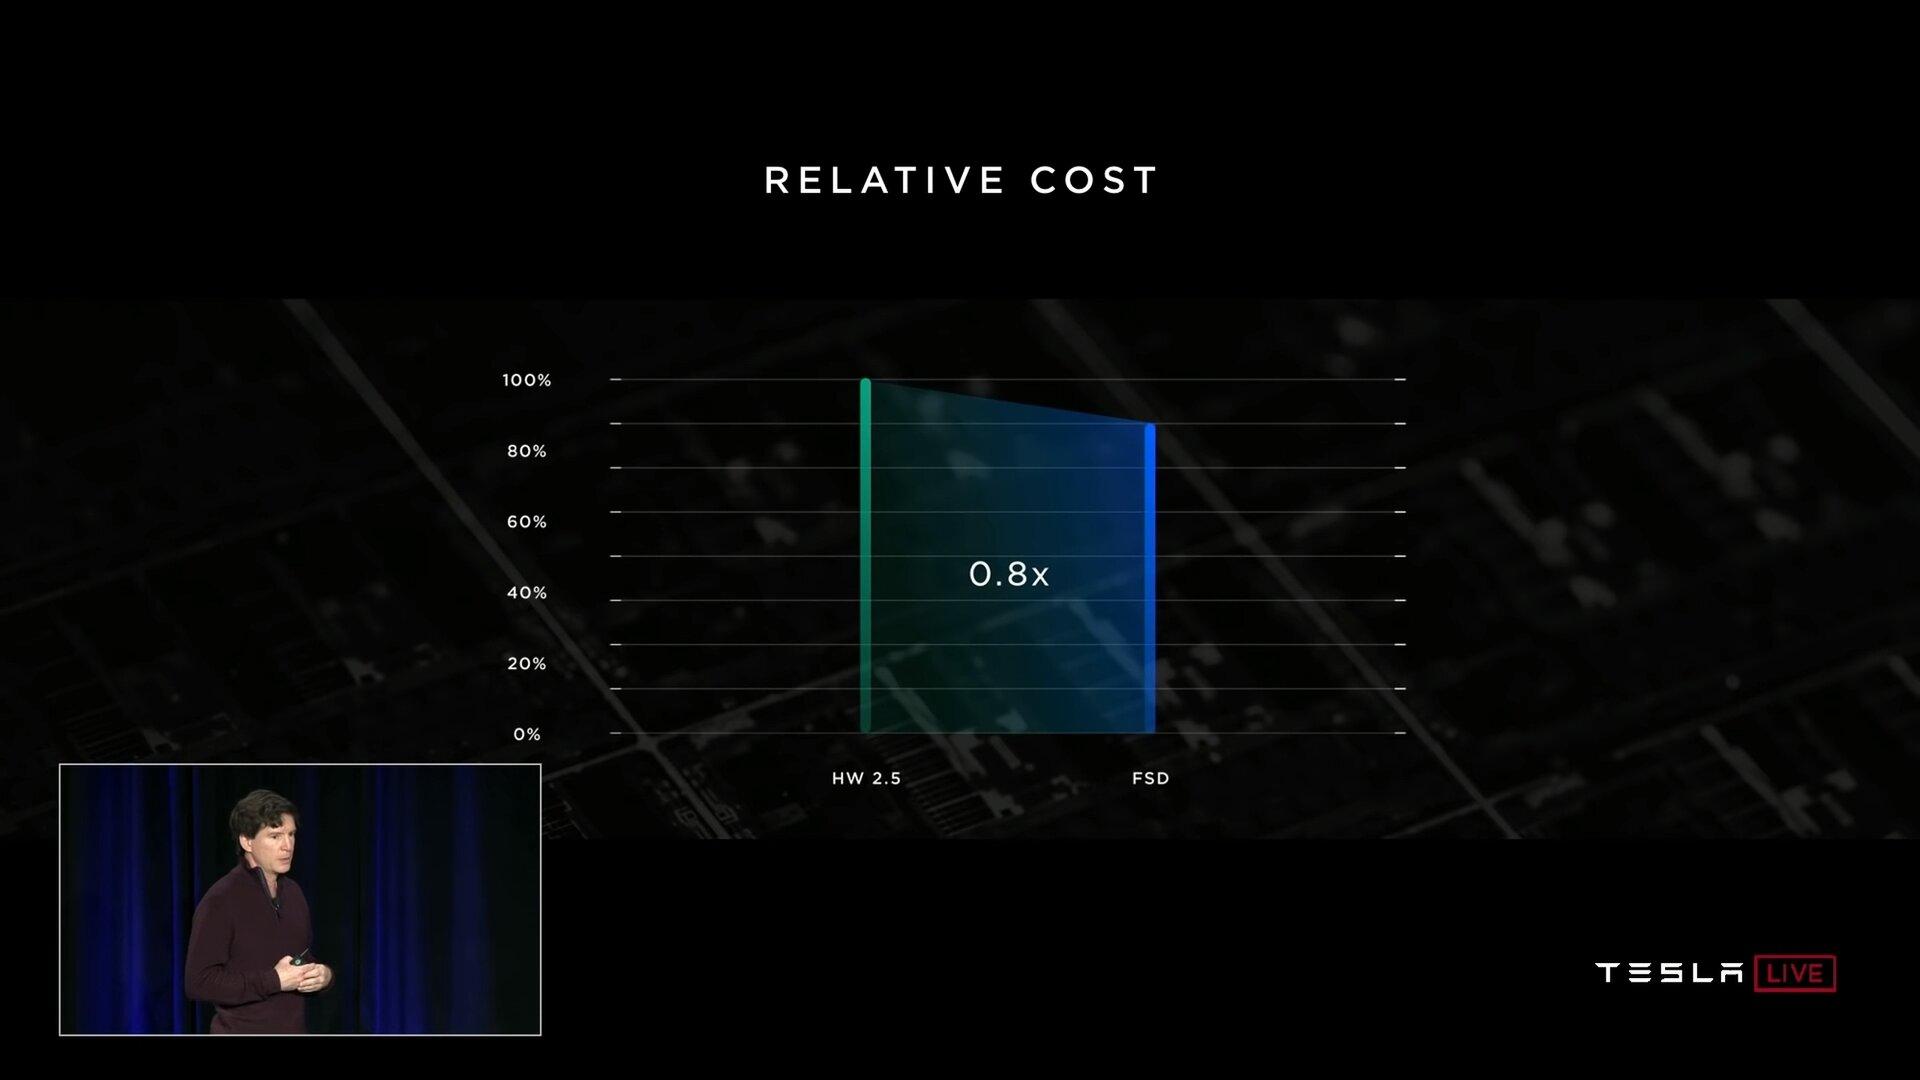 Vergleich Kosten zwischen HW 2.5 und FSD